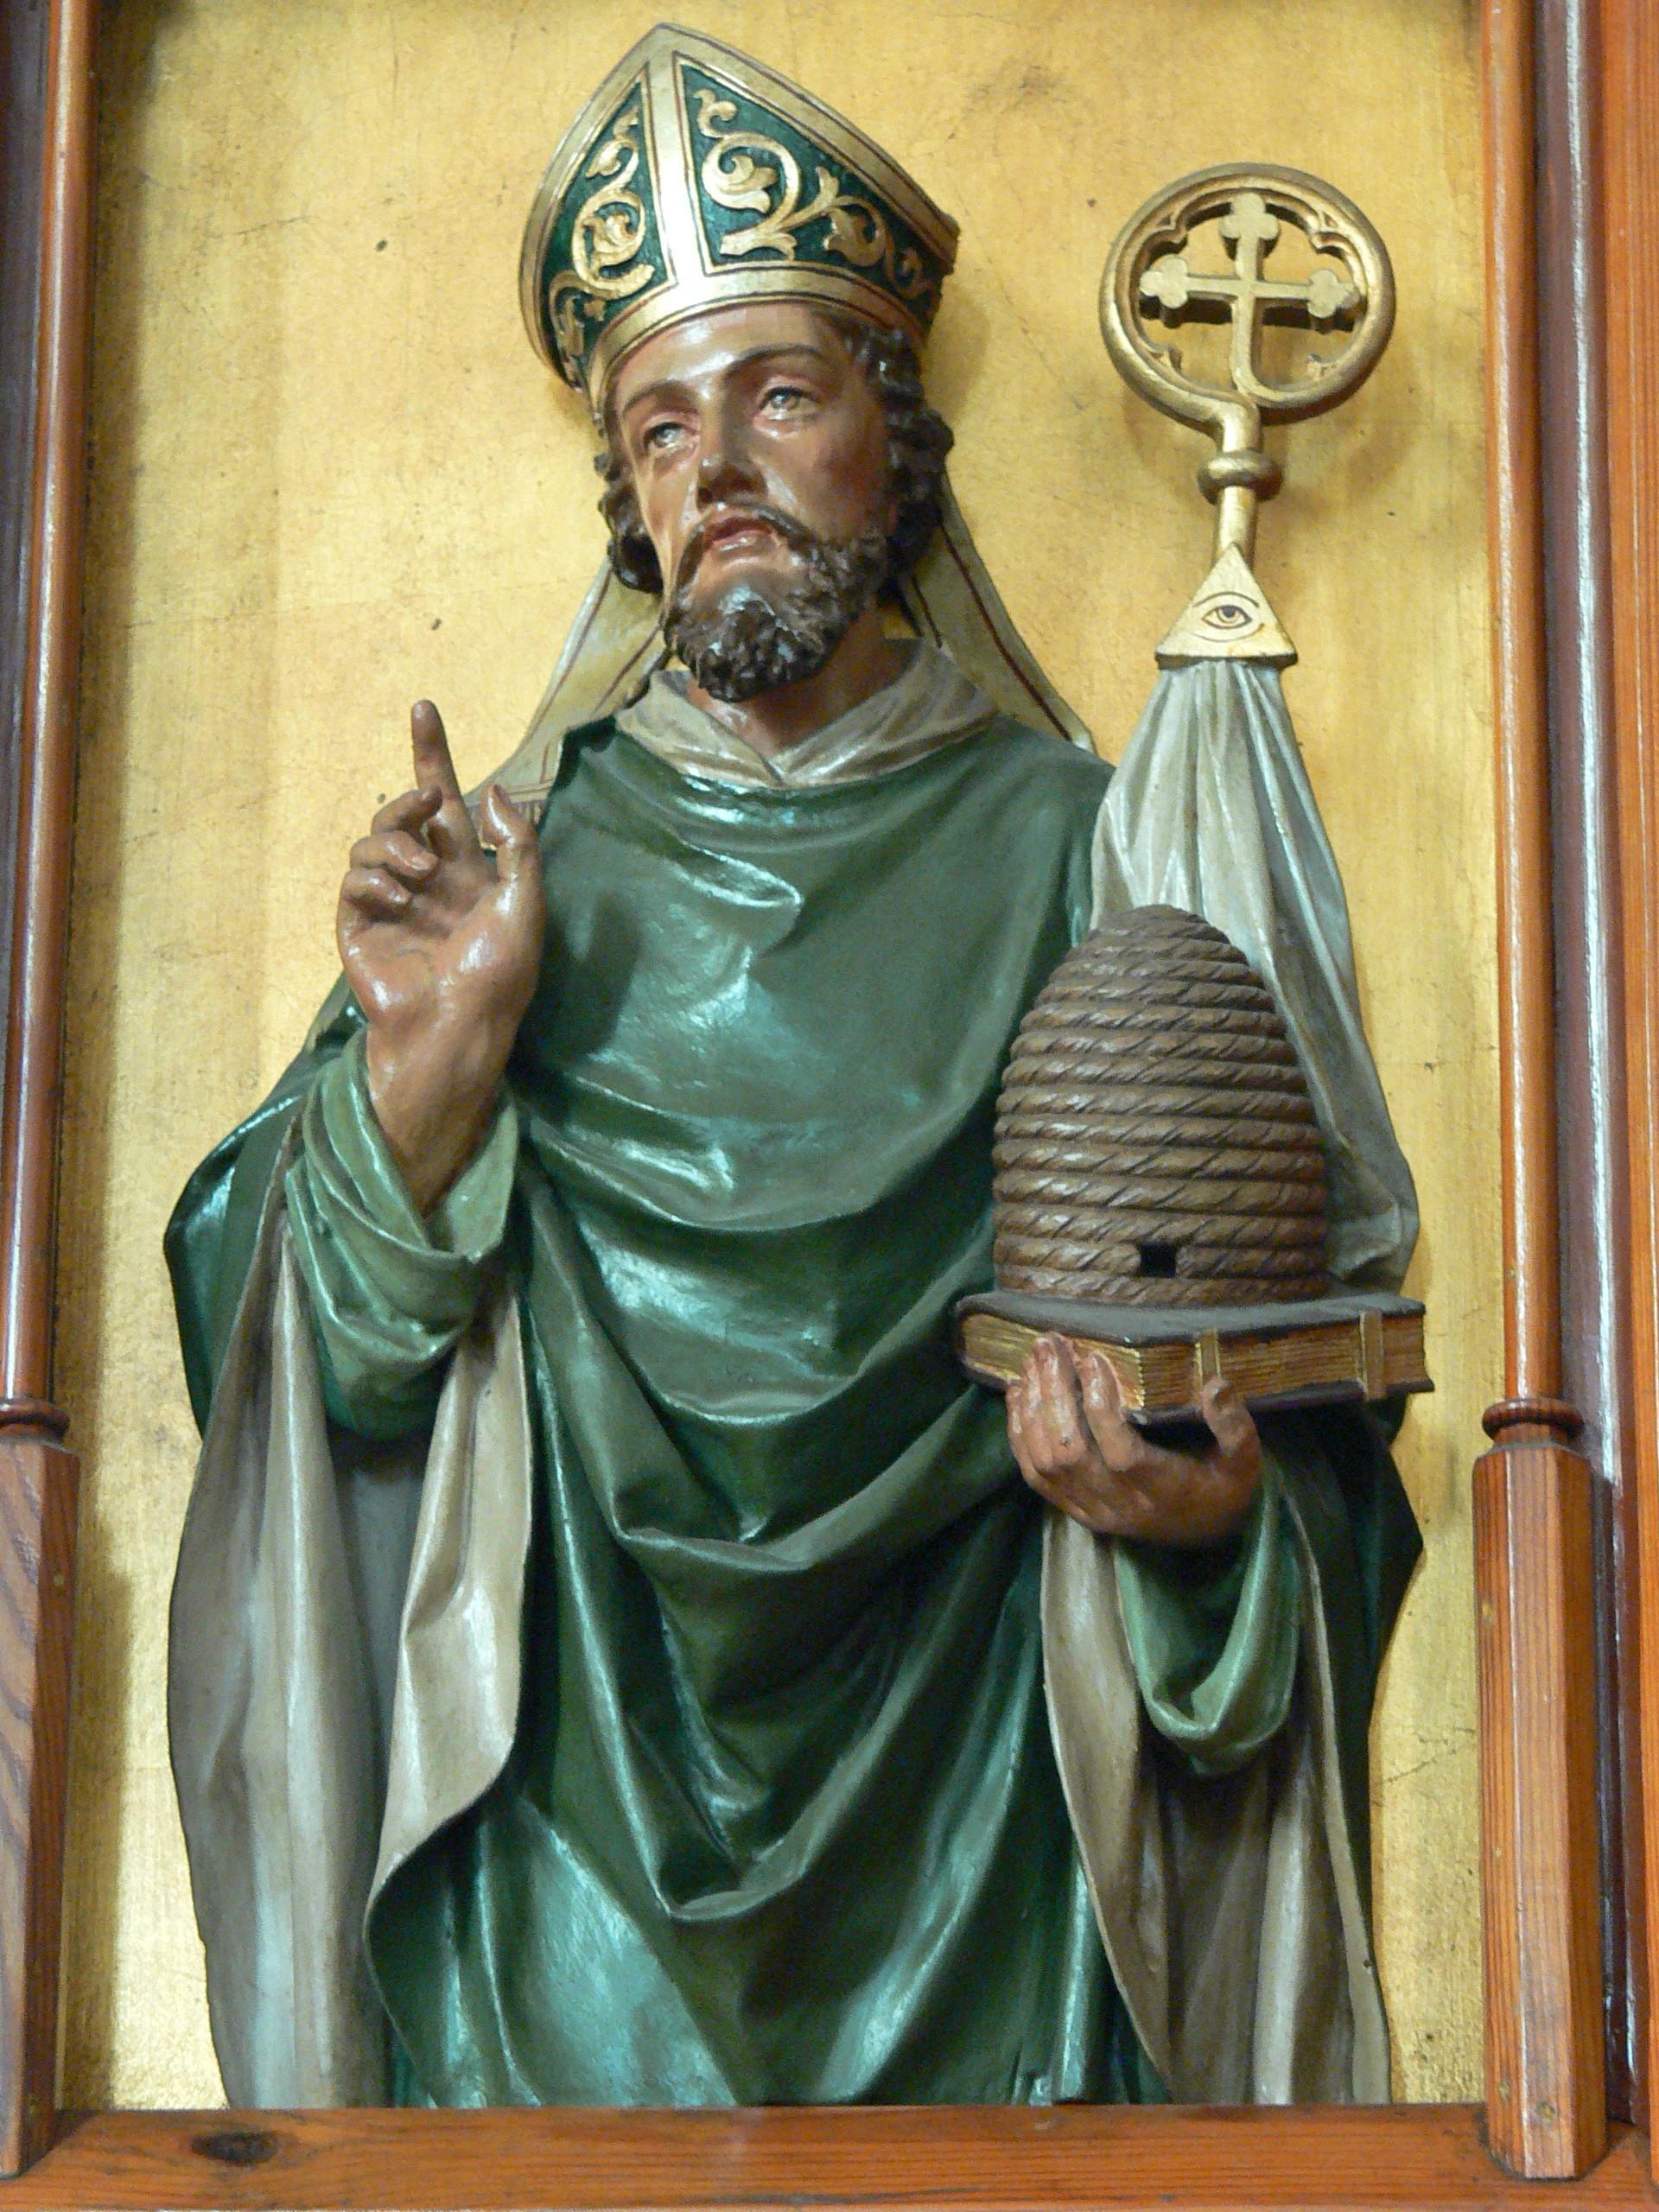 Blagdan sv. Ambrozija, zaštitnika pčela i pčelara